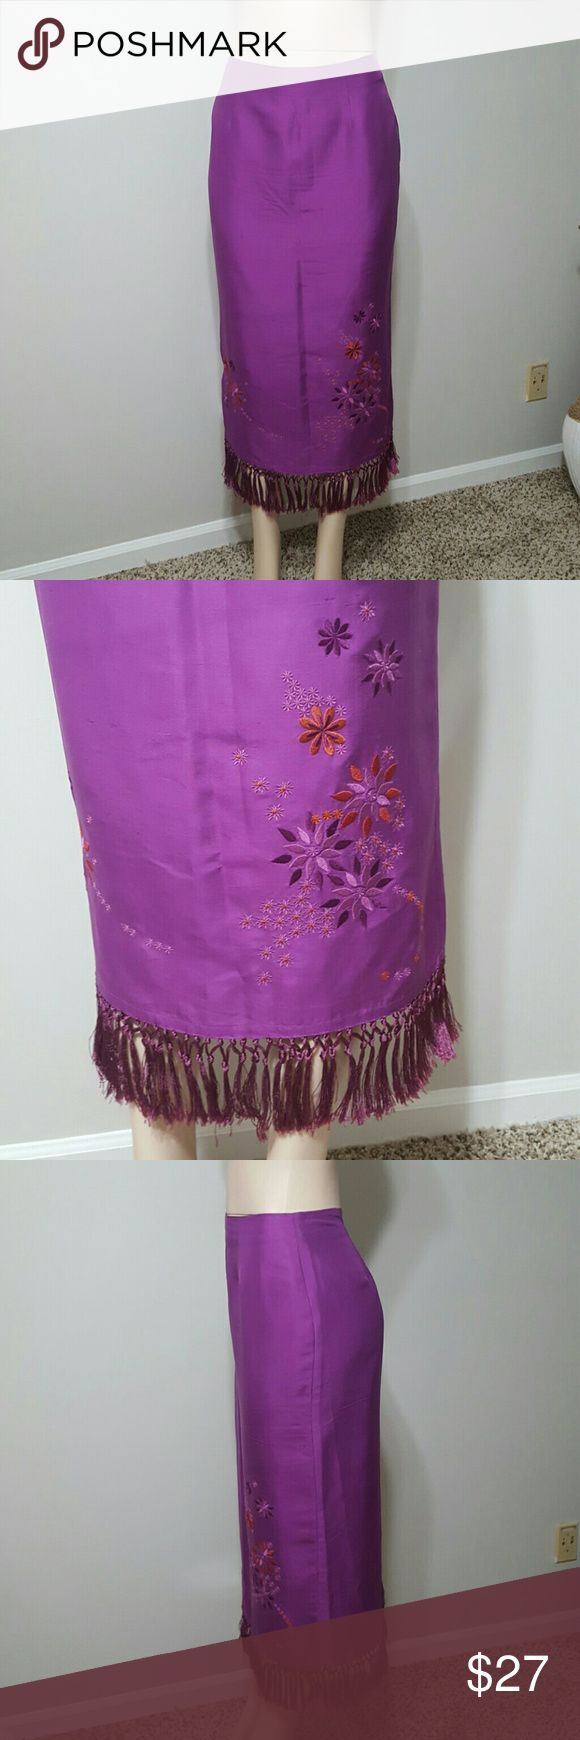 Ragnotti megane maxi dresses